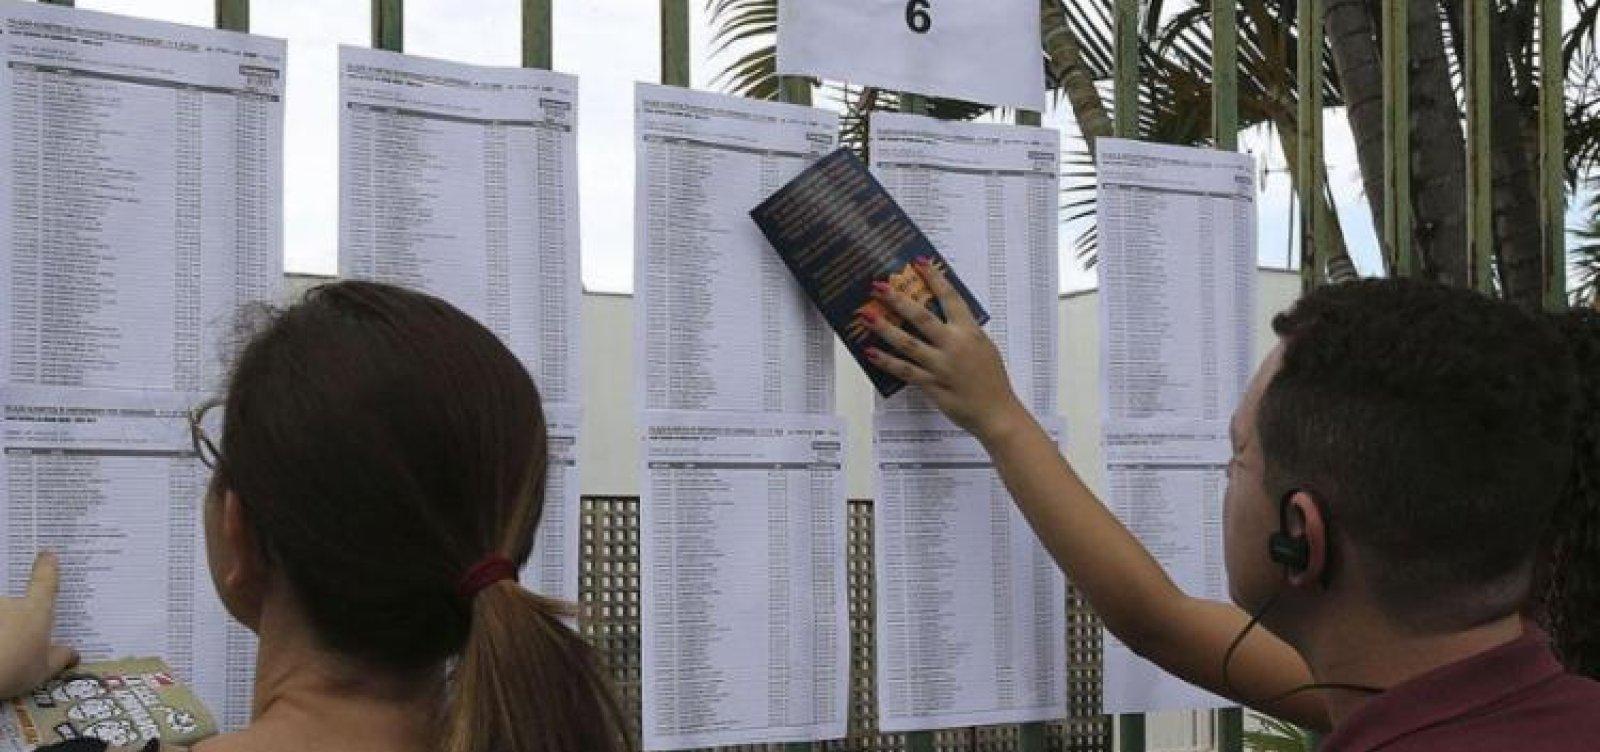 [Mais de 2,1 milhões de estudantes pediram isenção no Enem 2019]